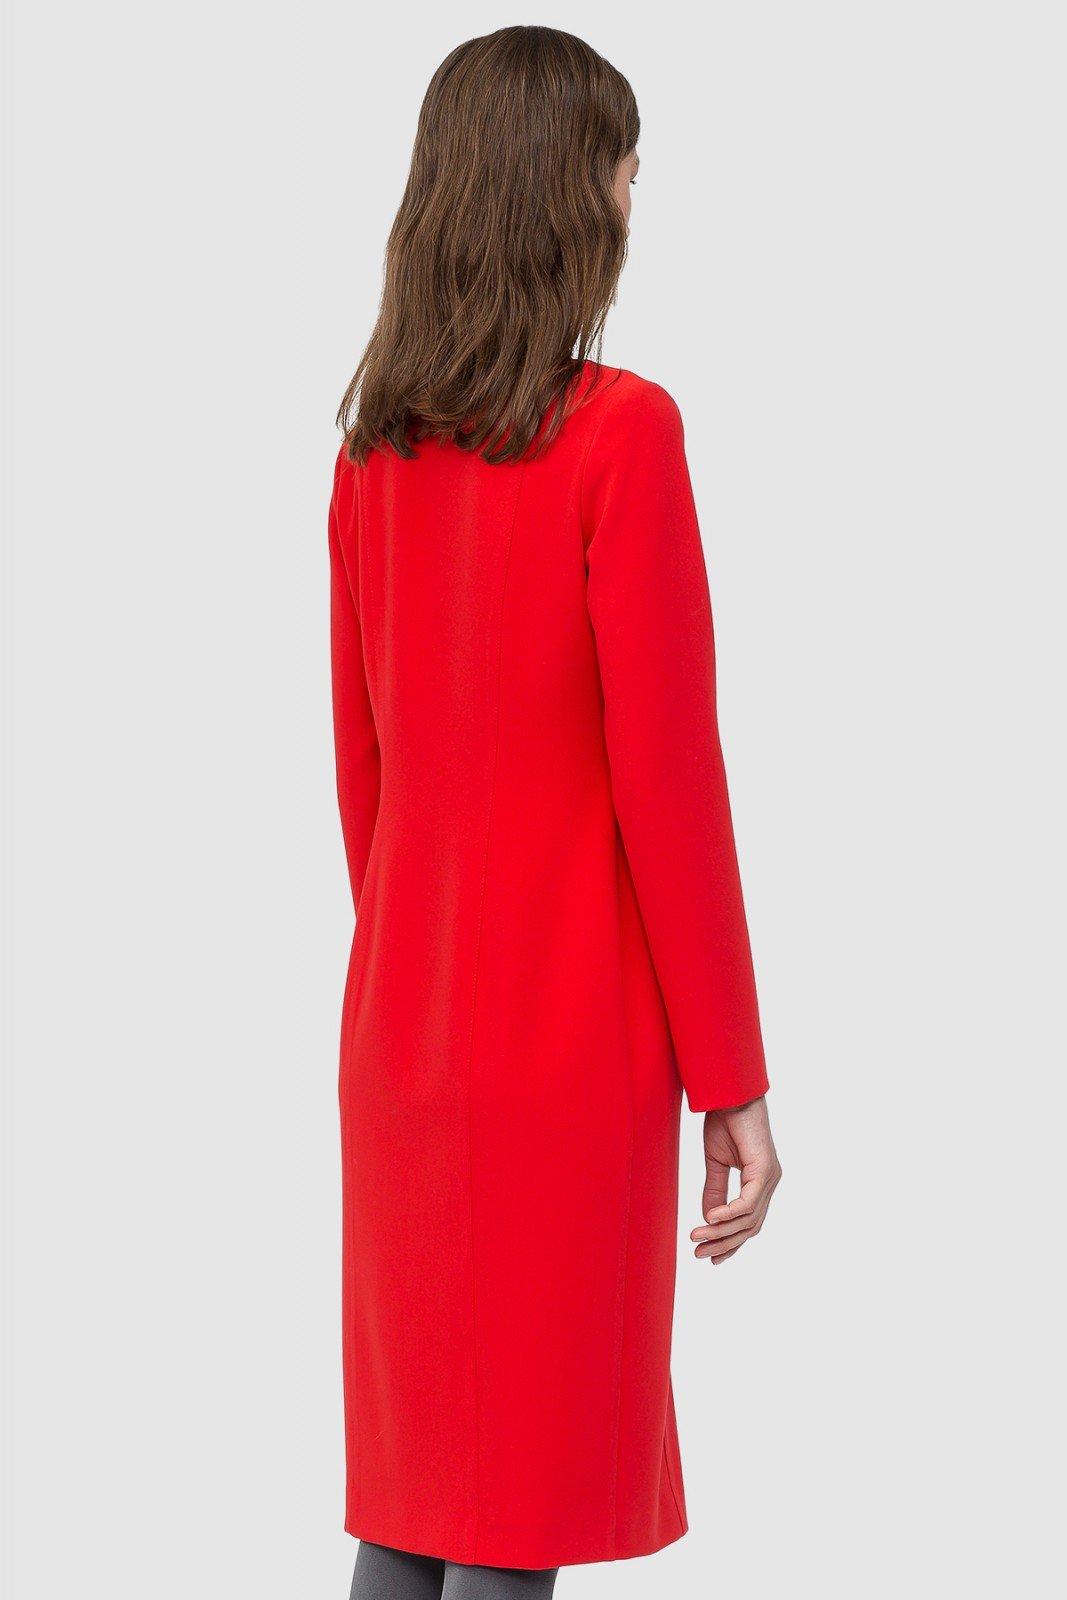 Платье Орегон